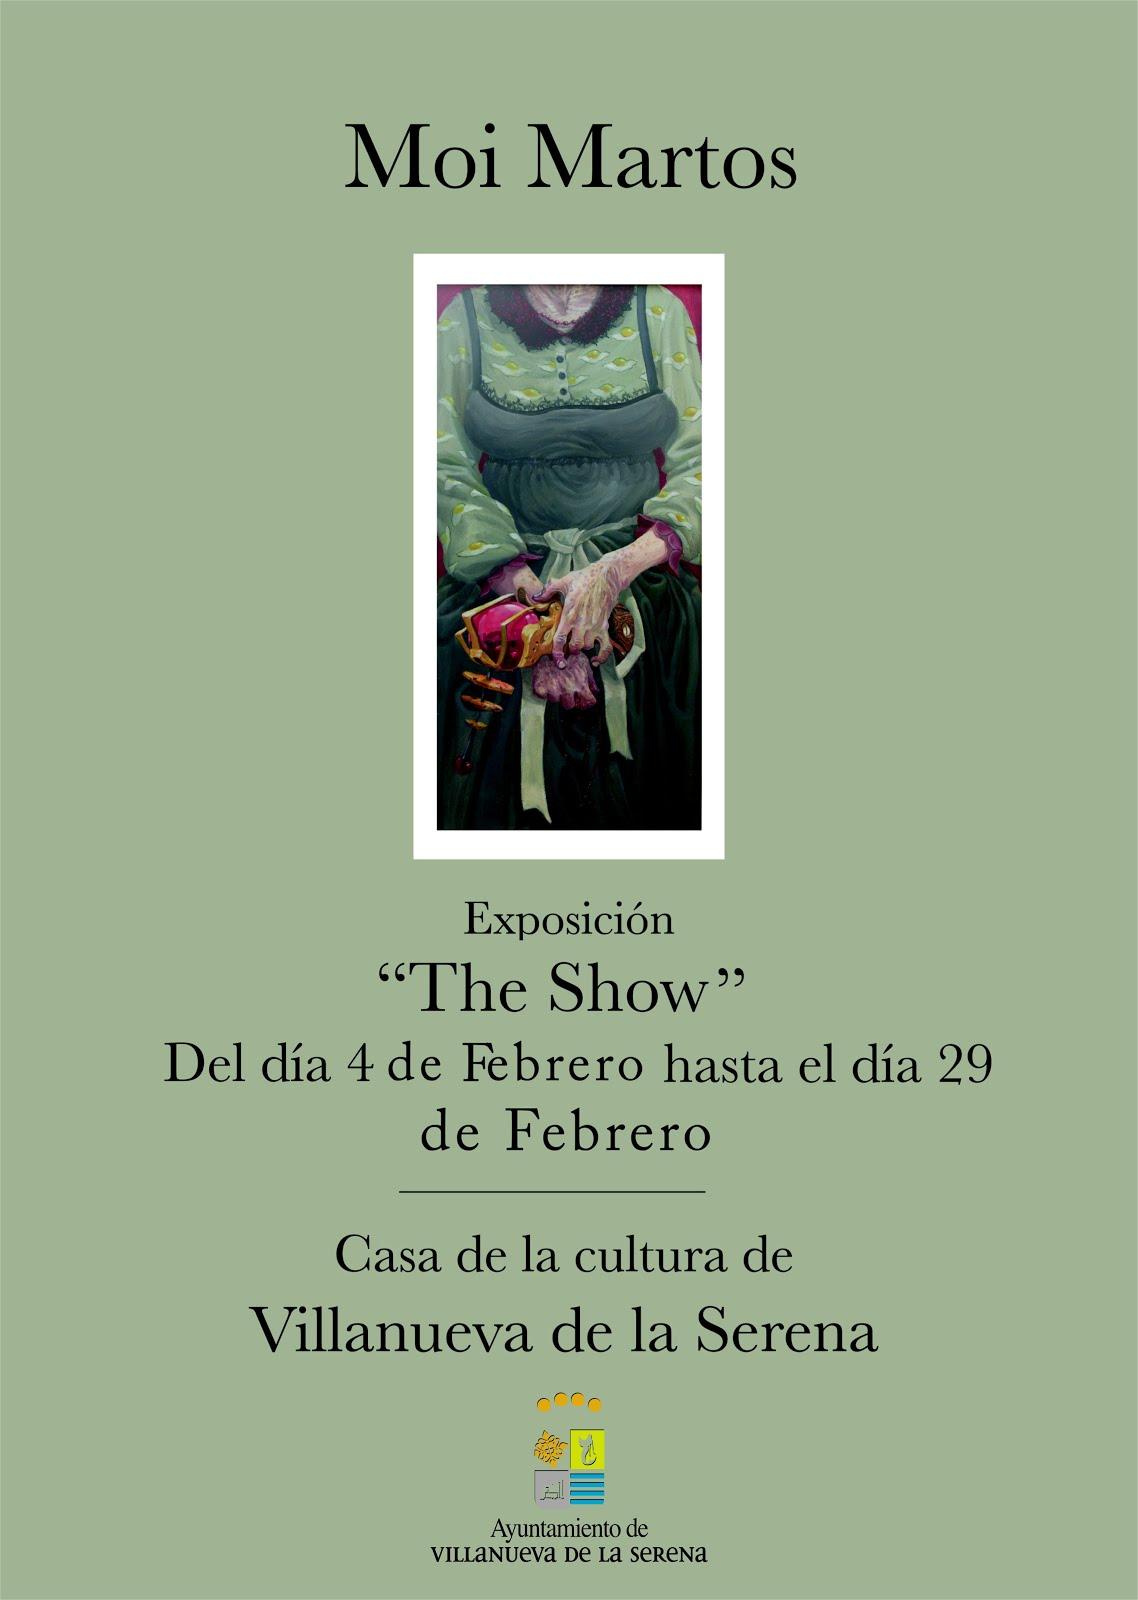 Exposición The Show